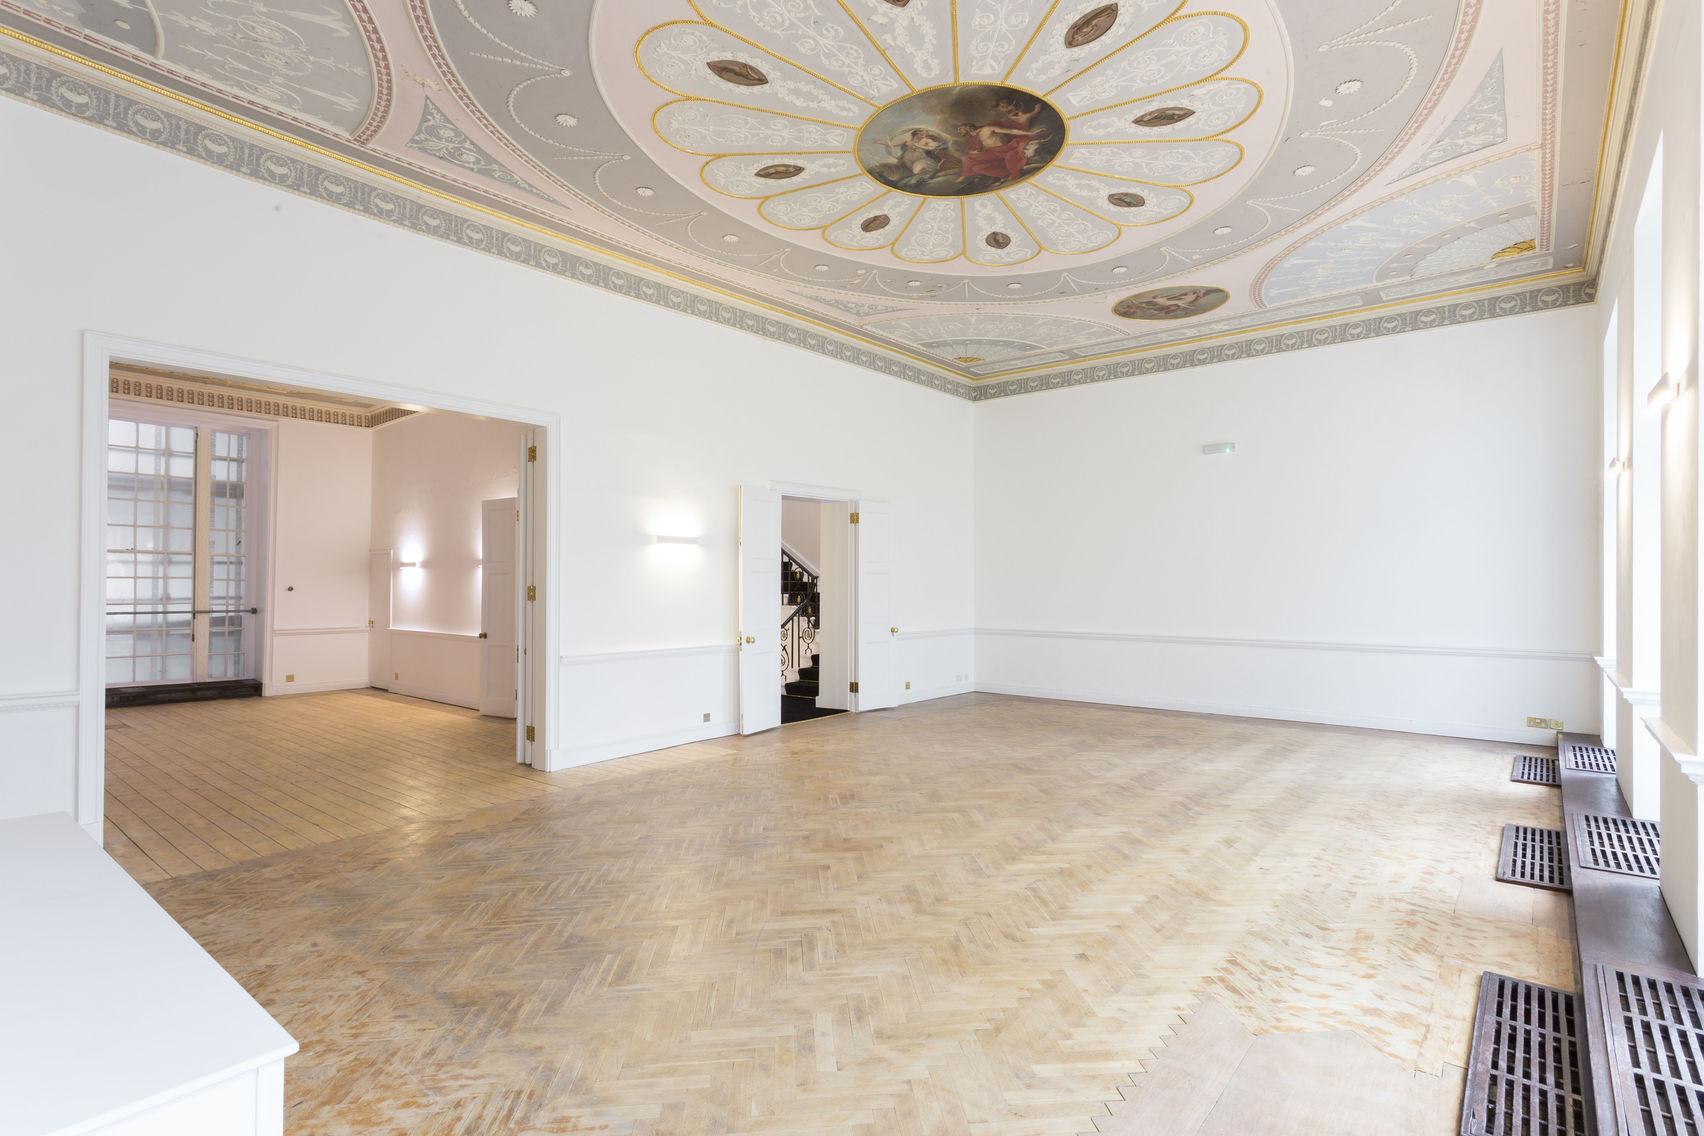 38 Grosvenor Square, Venue Lab